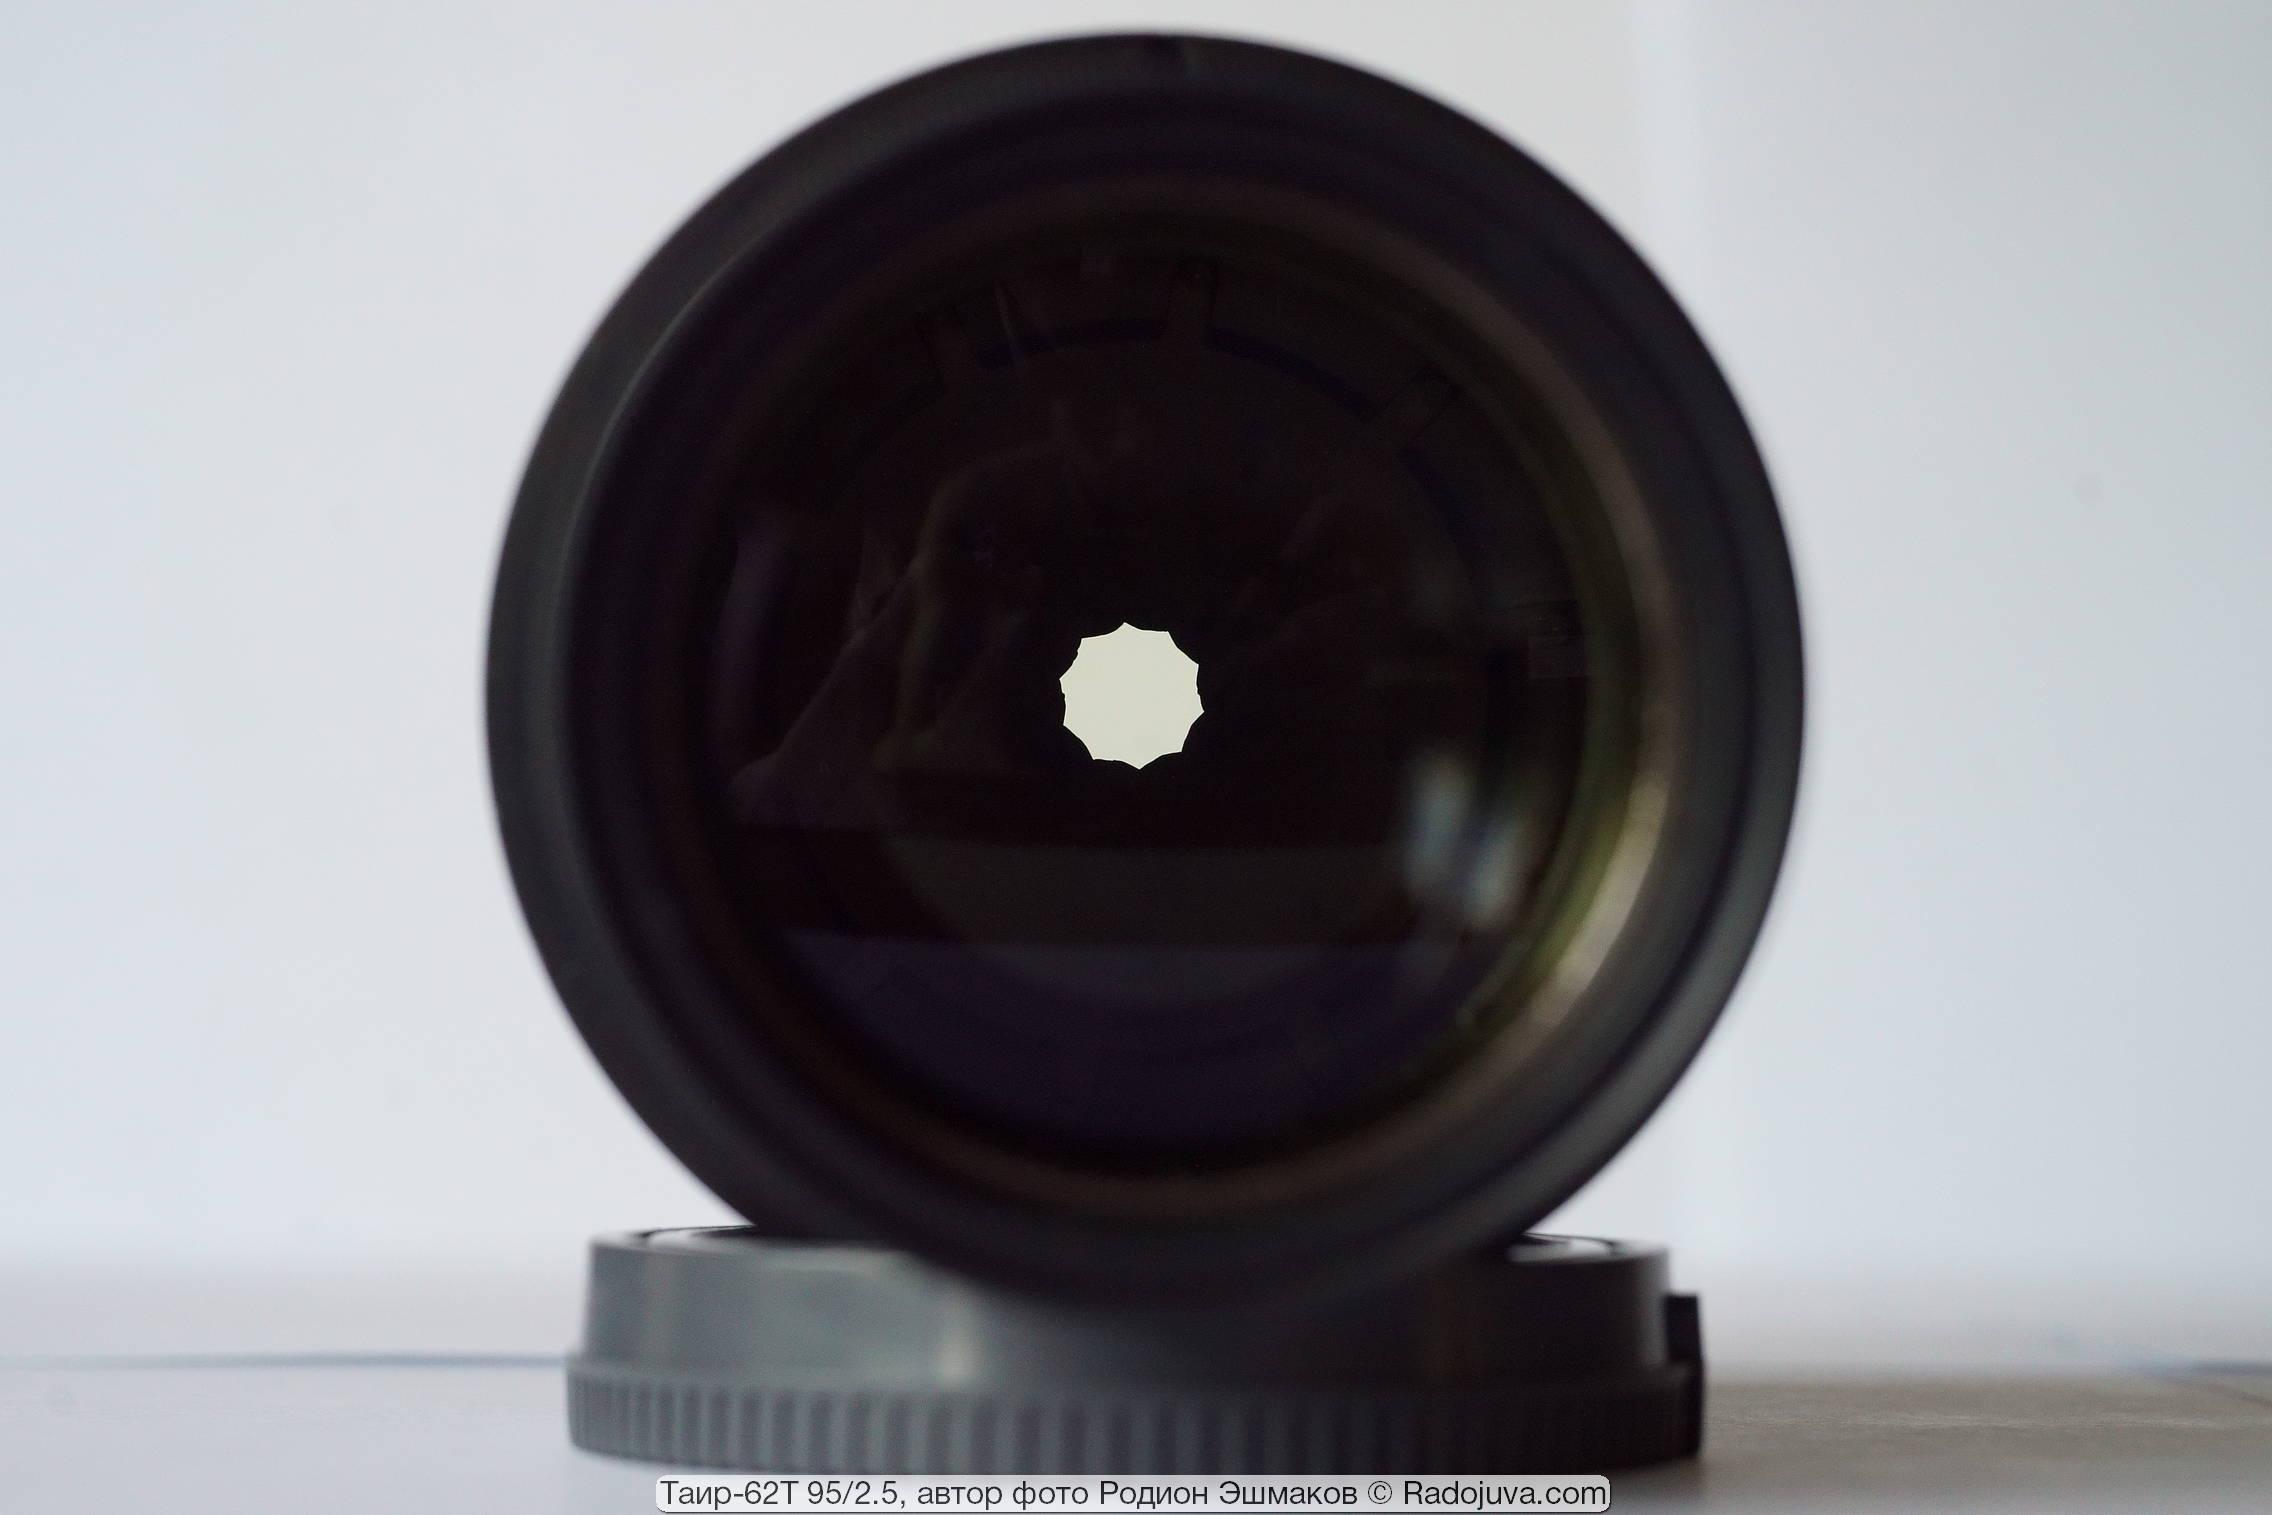 Вид формы отверстия диафрагмы при ~F/8.